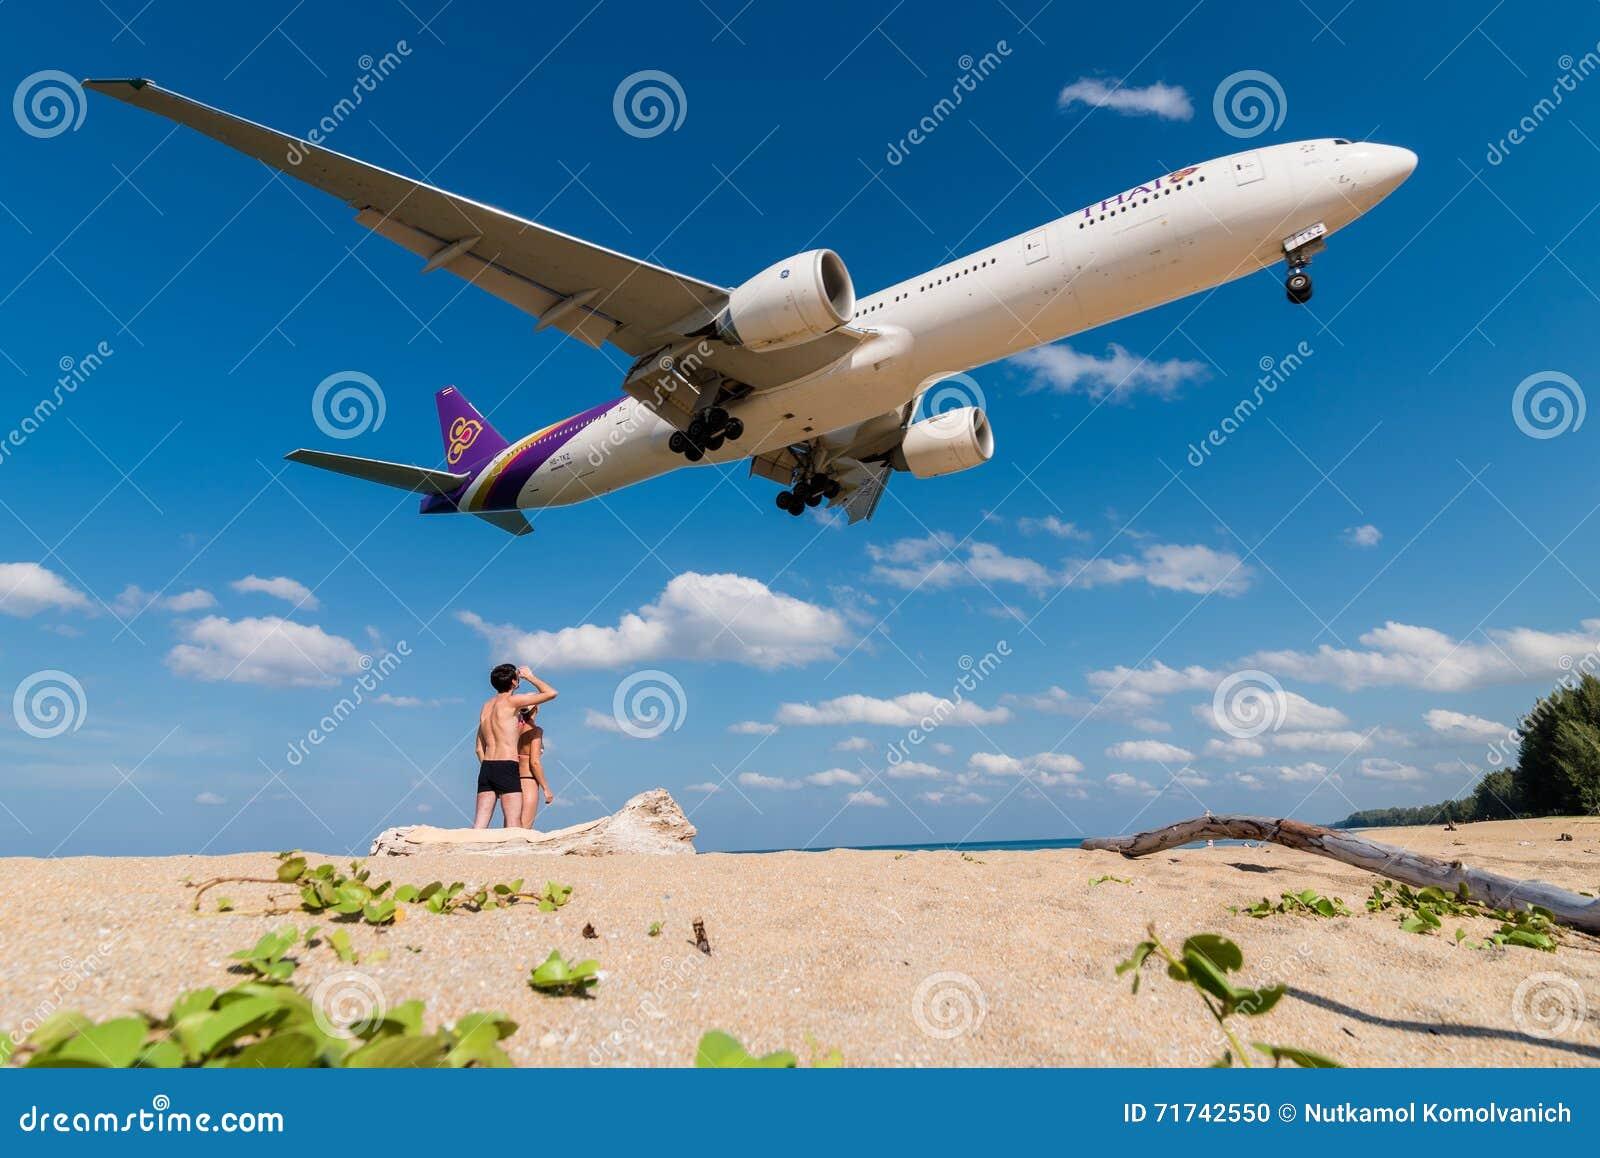 Los pares están mirando el aeroplano de Thai Airways, Boeing 777, aterrizando